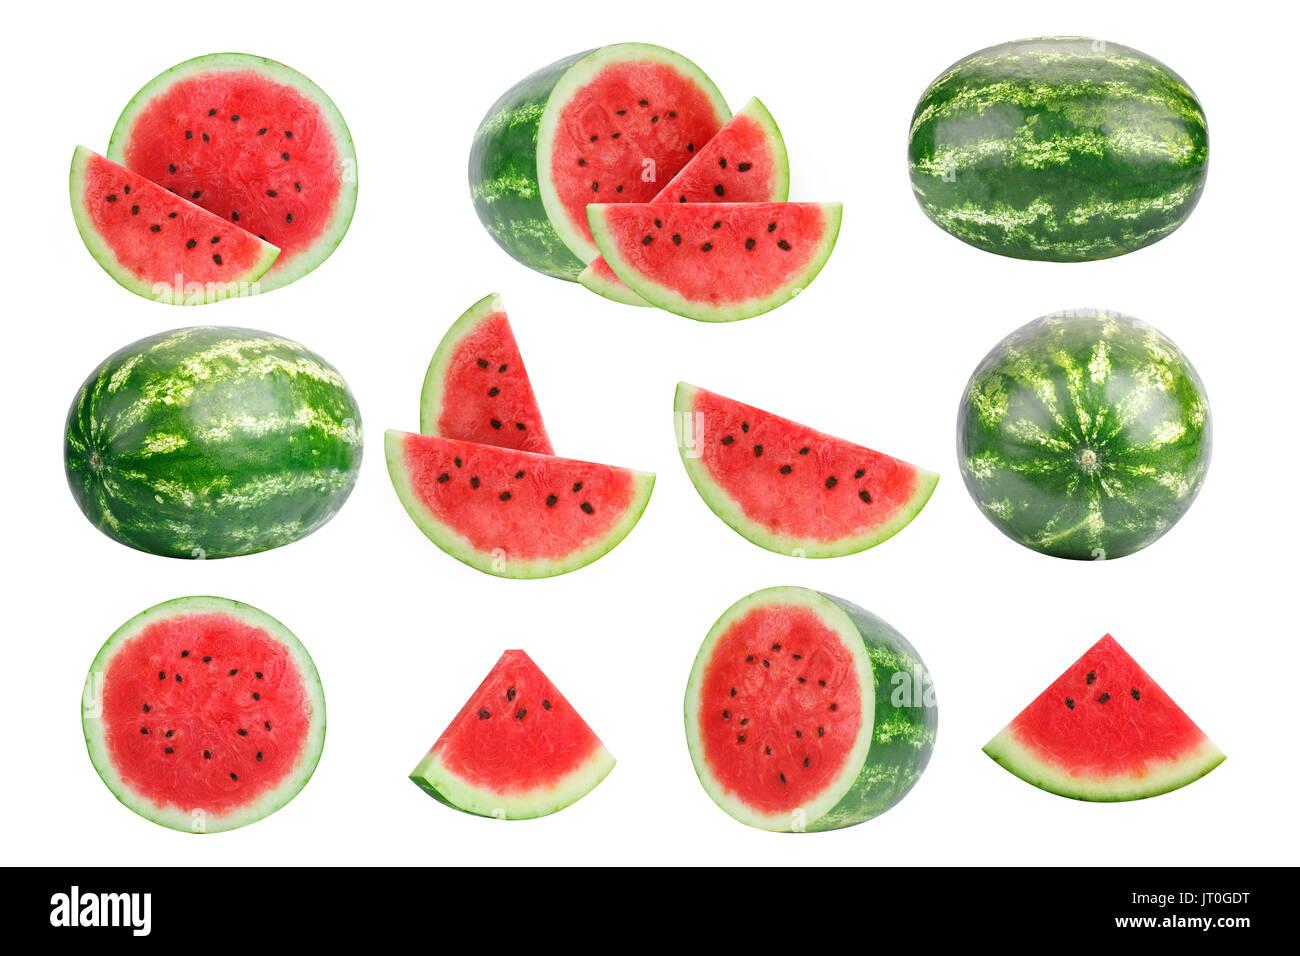 Bilder der Wassermelone auf weißem Hintergrund. Stockbild